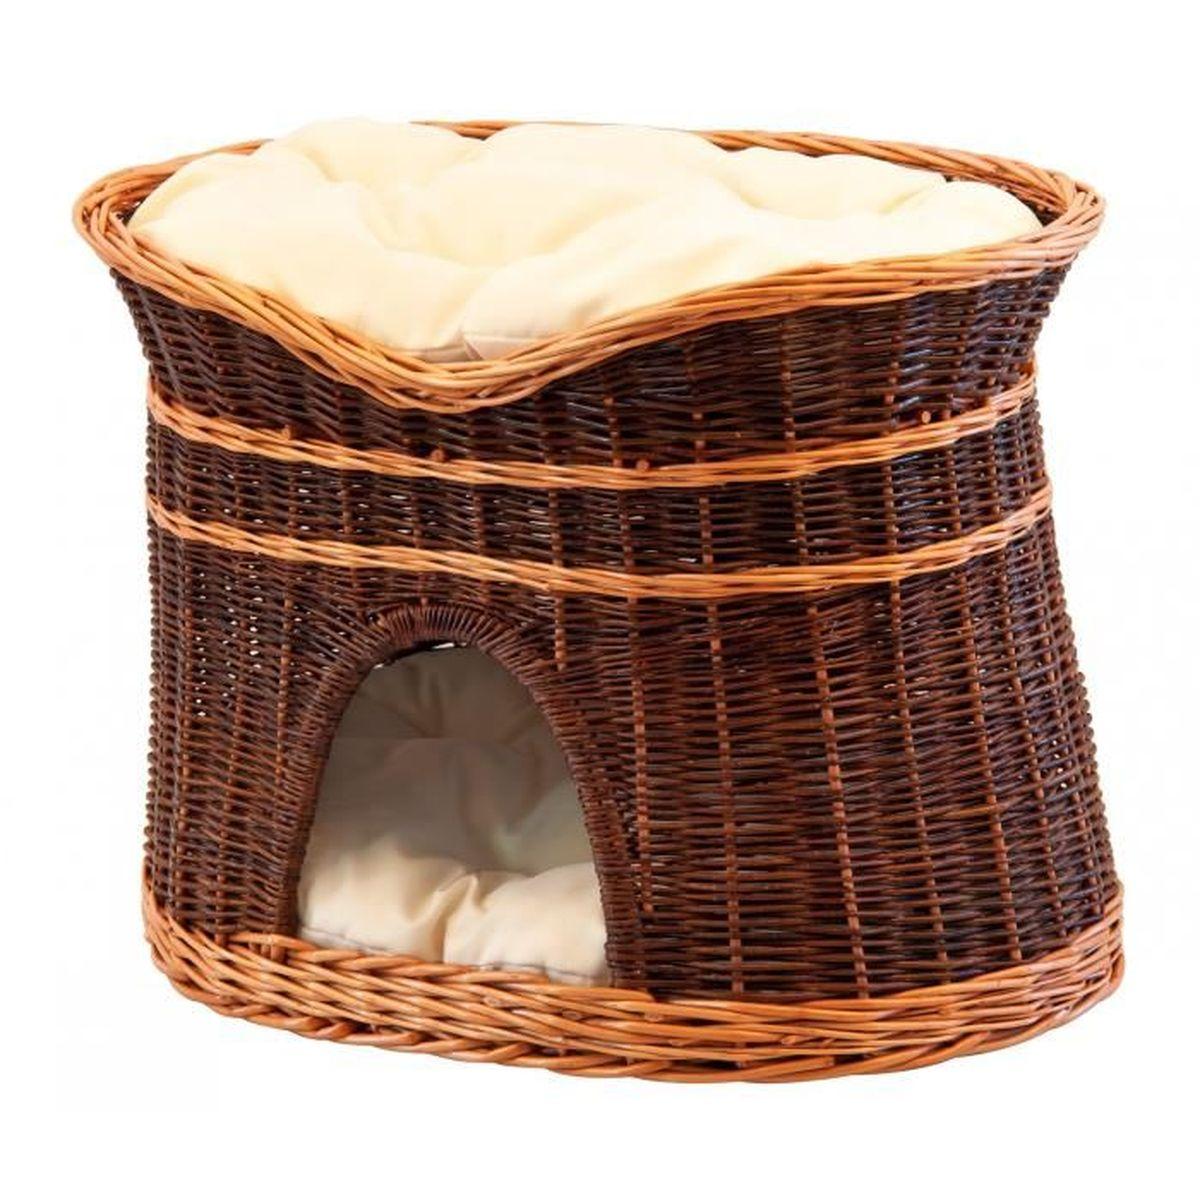 panier en osier pour chat achat vente panier en osier pour chat pas cher cdiscount. Black Bedroom Furniture Sets. Home Design Ideas